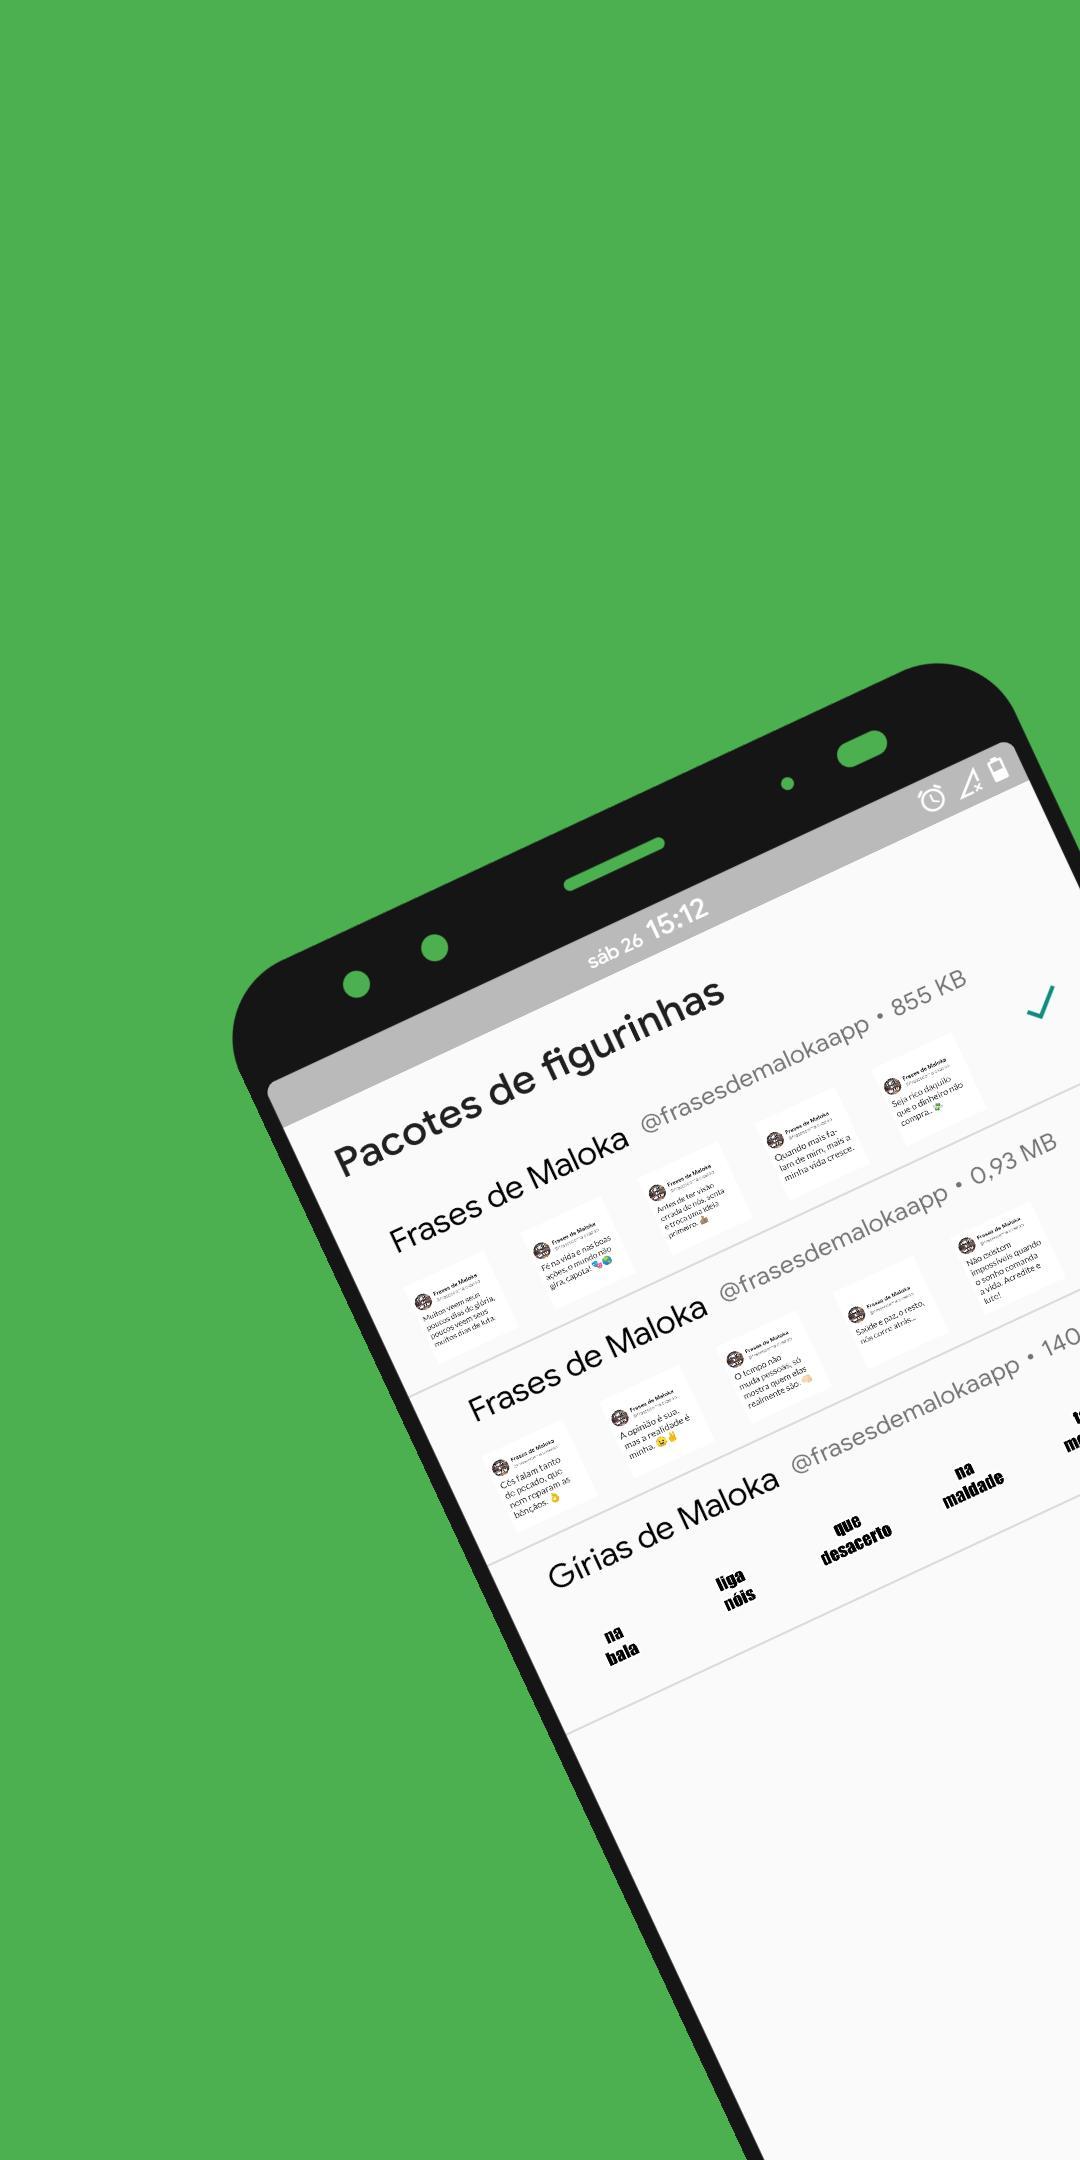 Figurinhas Com Frases De Maloka E Gírias For Android Apk